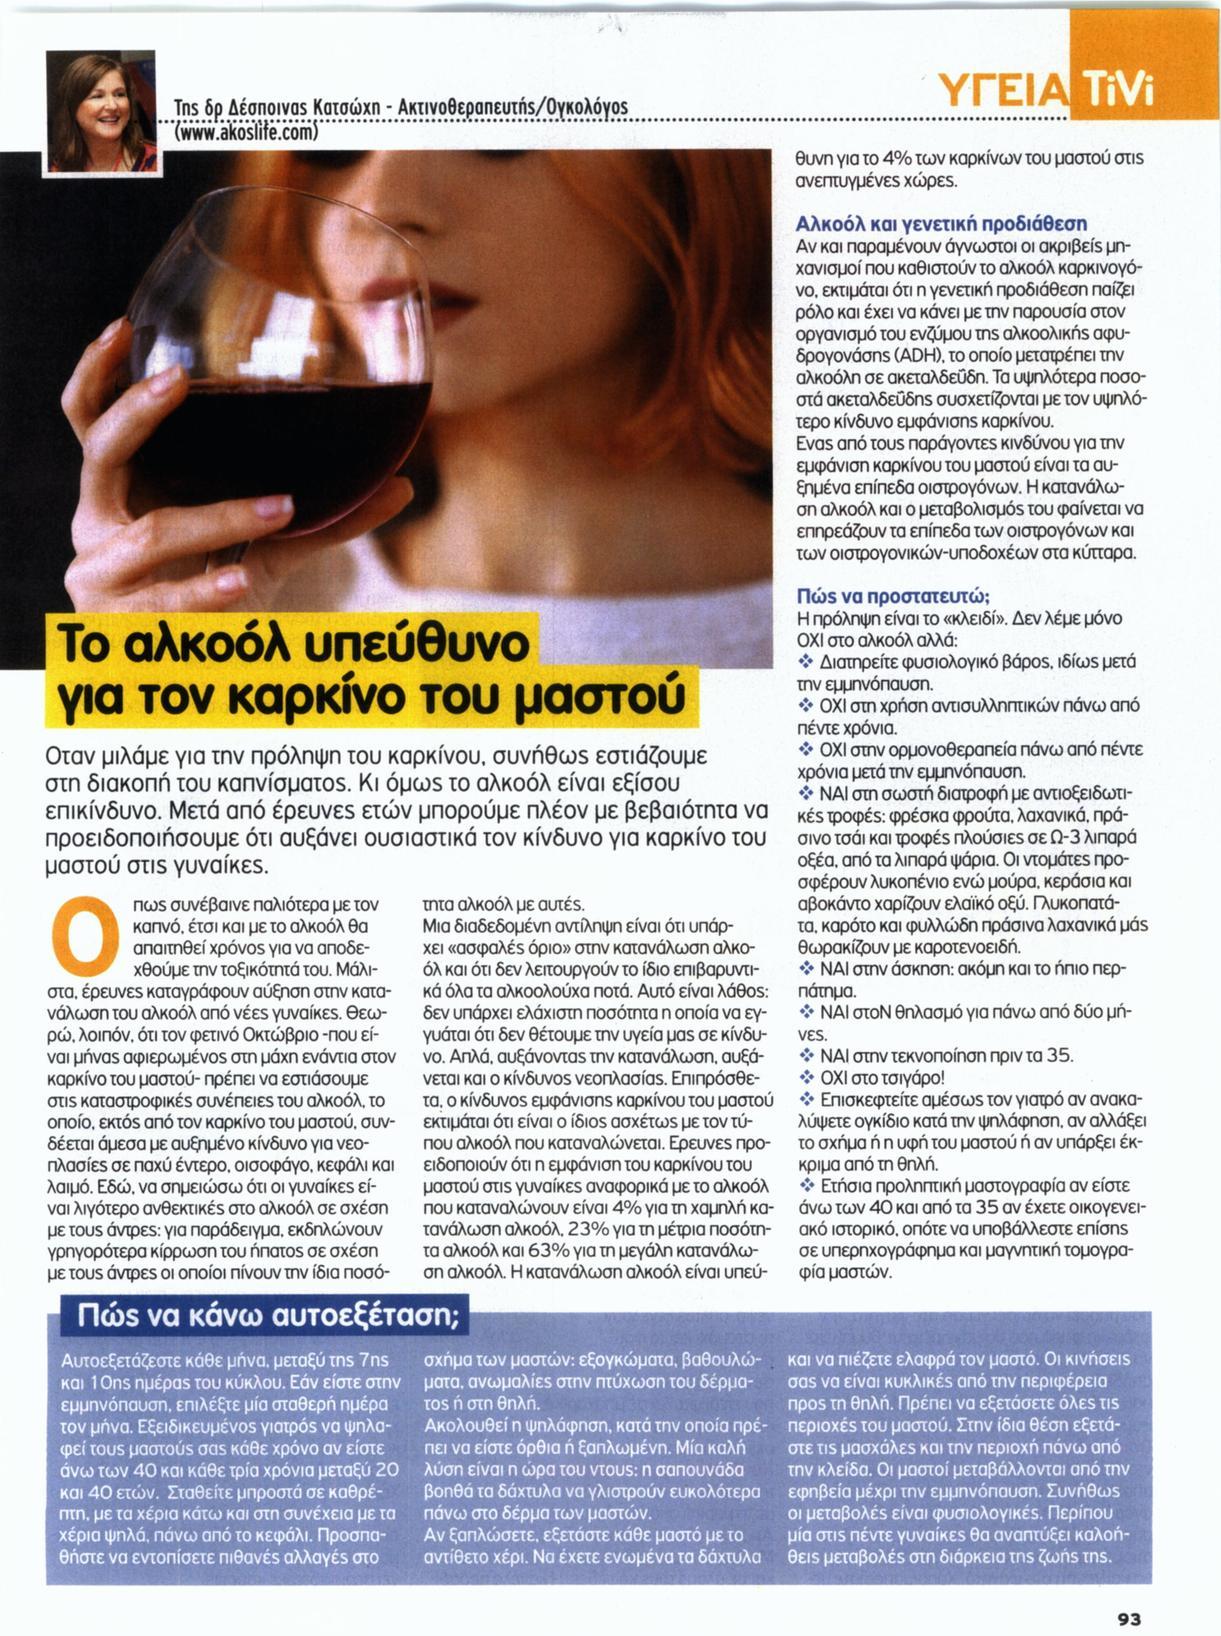 to-alkool-ipefthino-gia-ton-karkino-tou-mastou